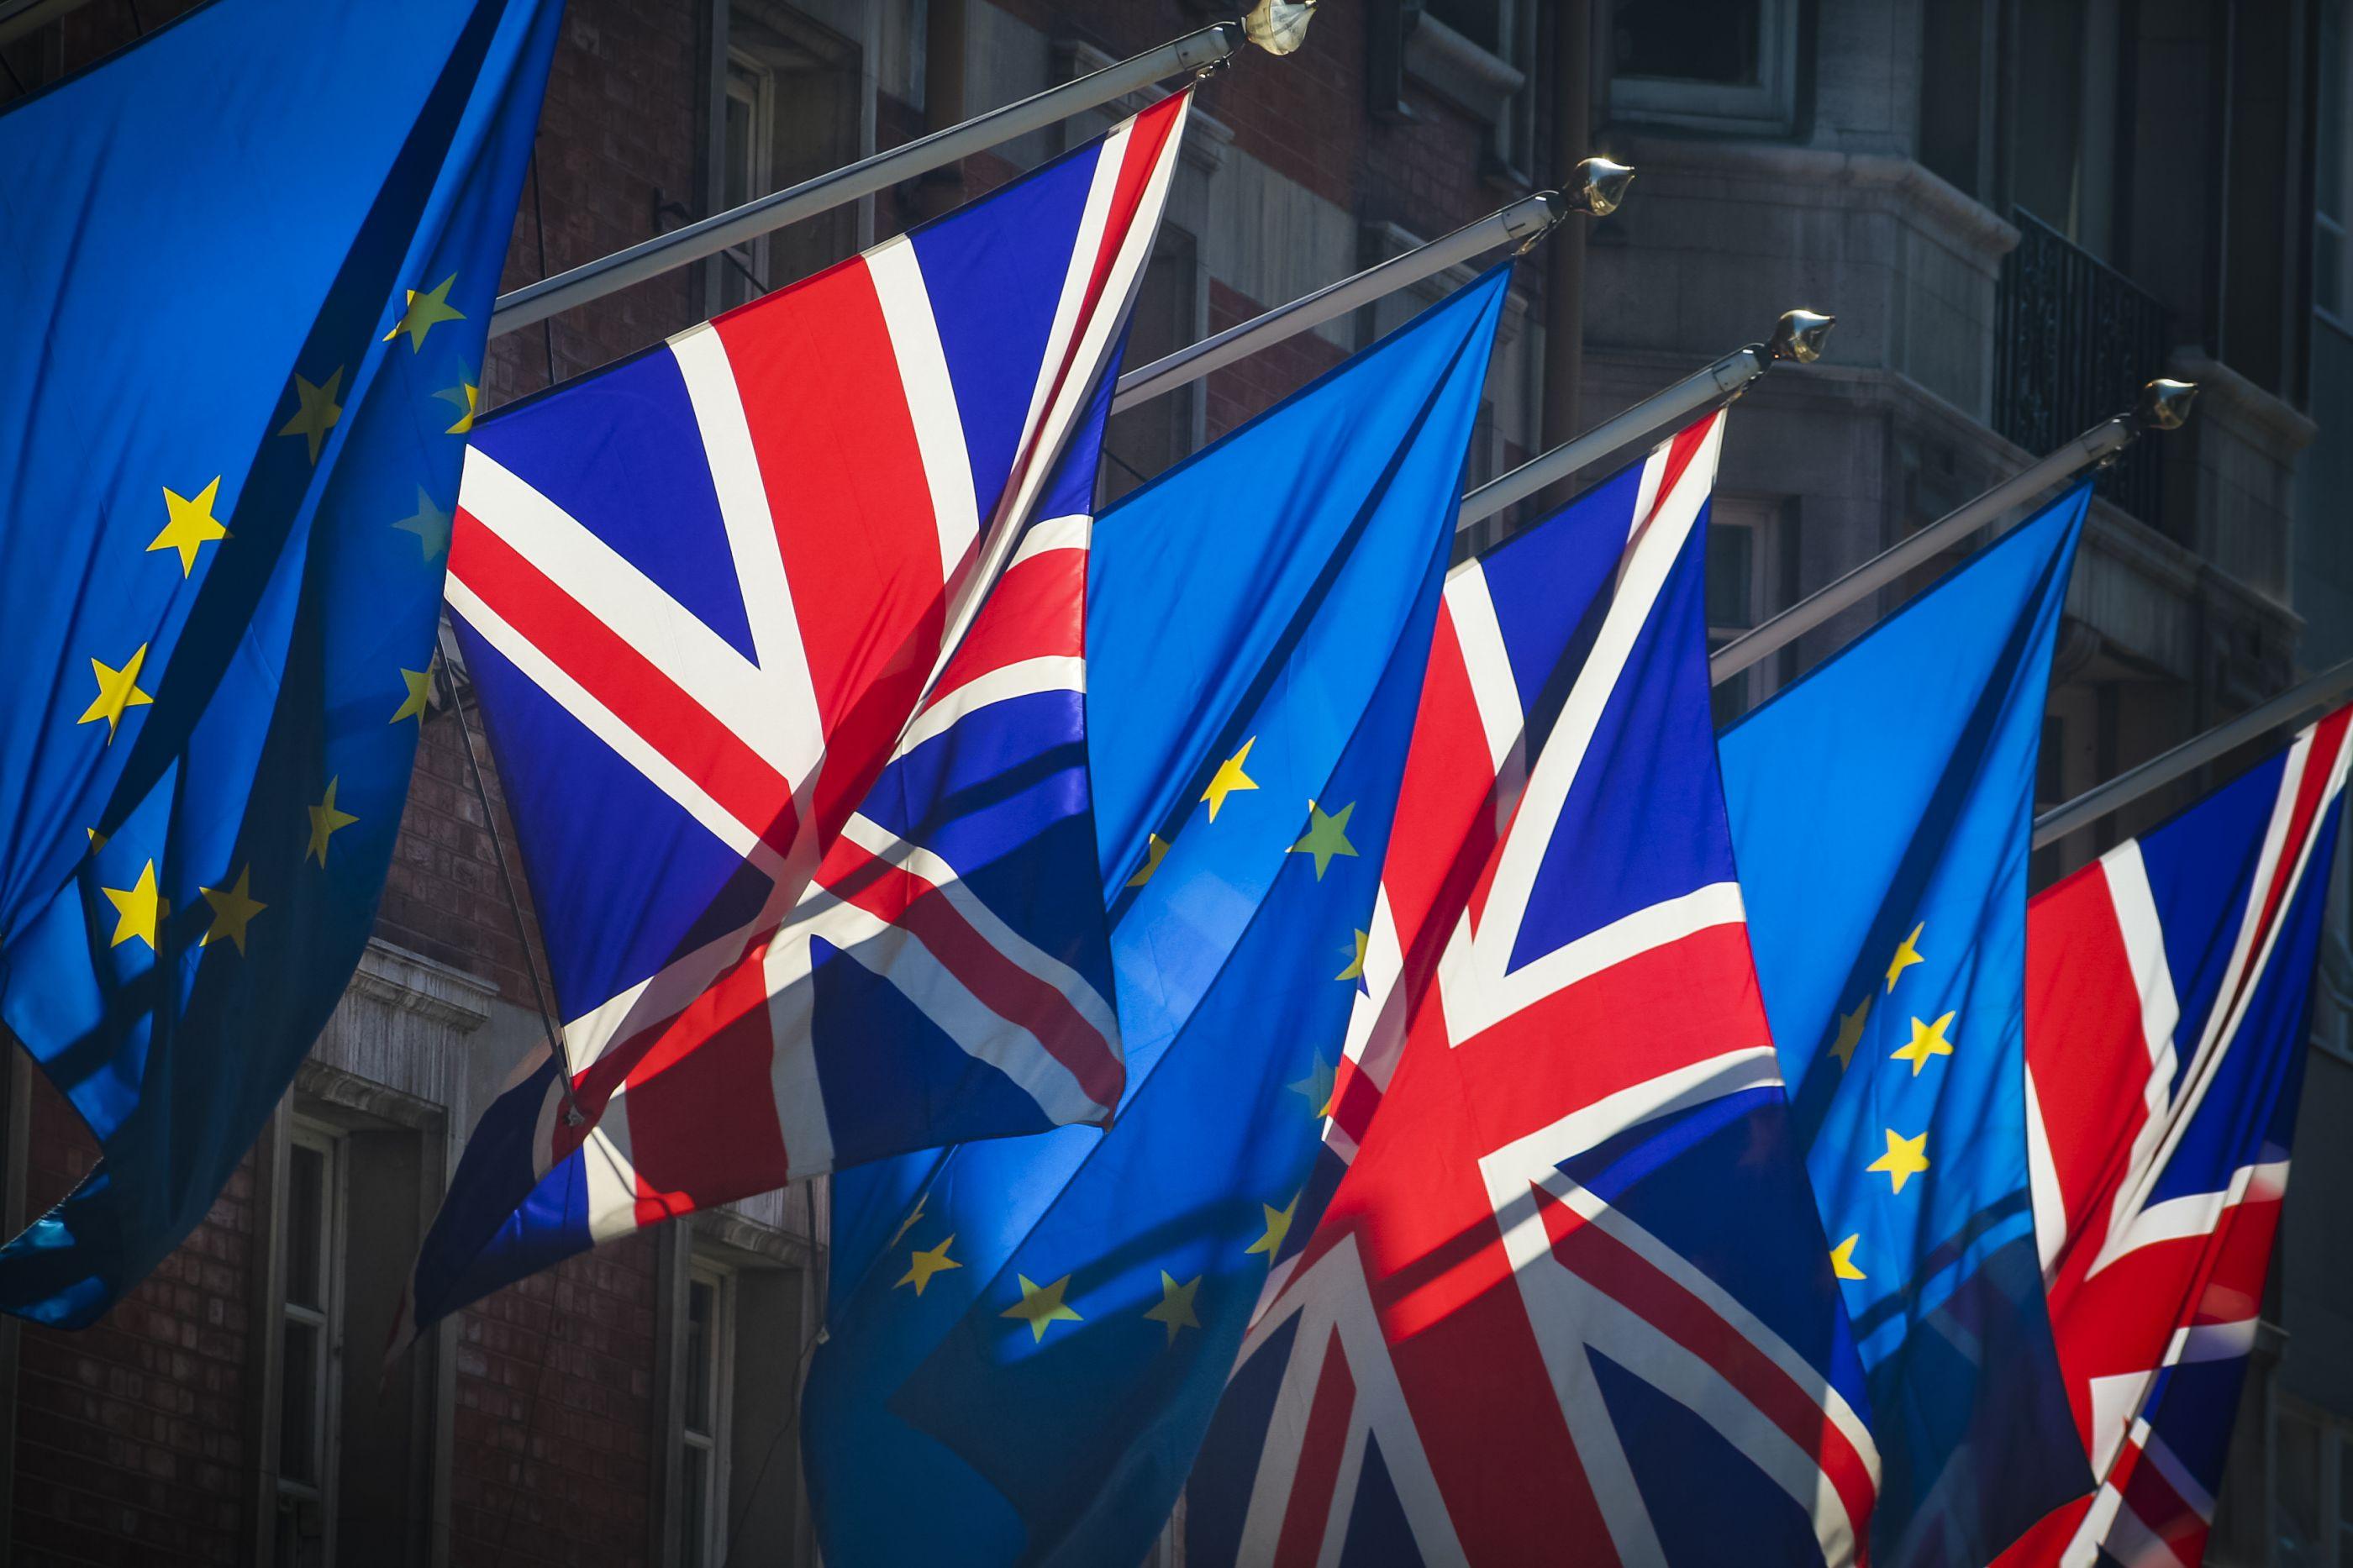 Adiar ou não adiar Brexit? Líderes da UE discutem hoje pedido de Londres